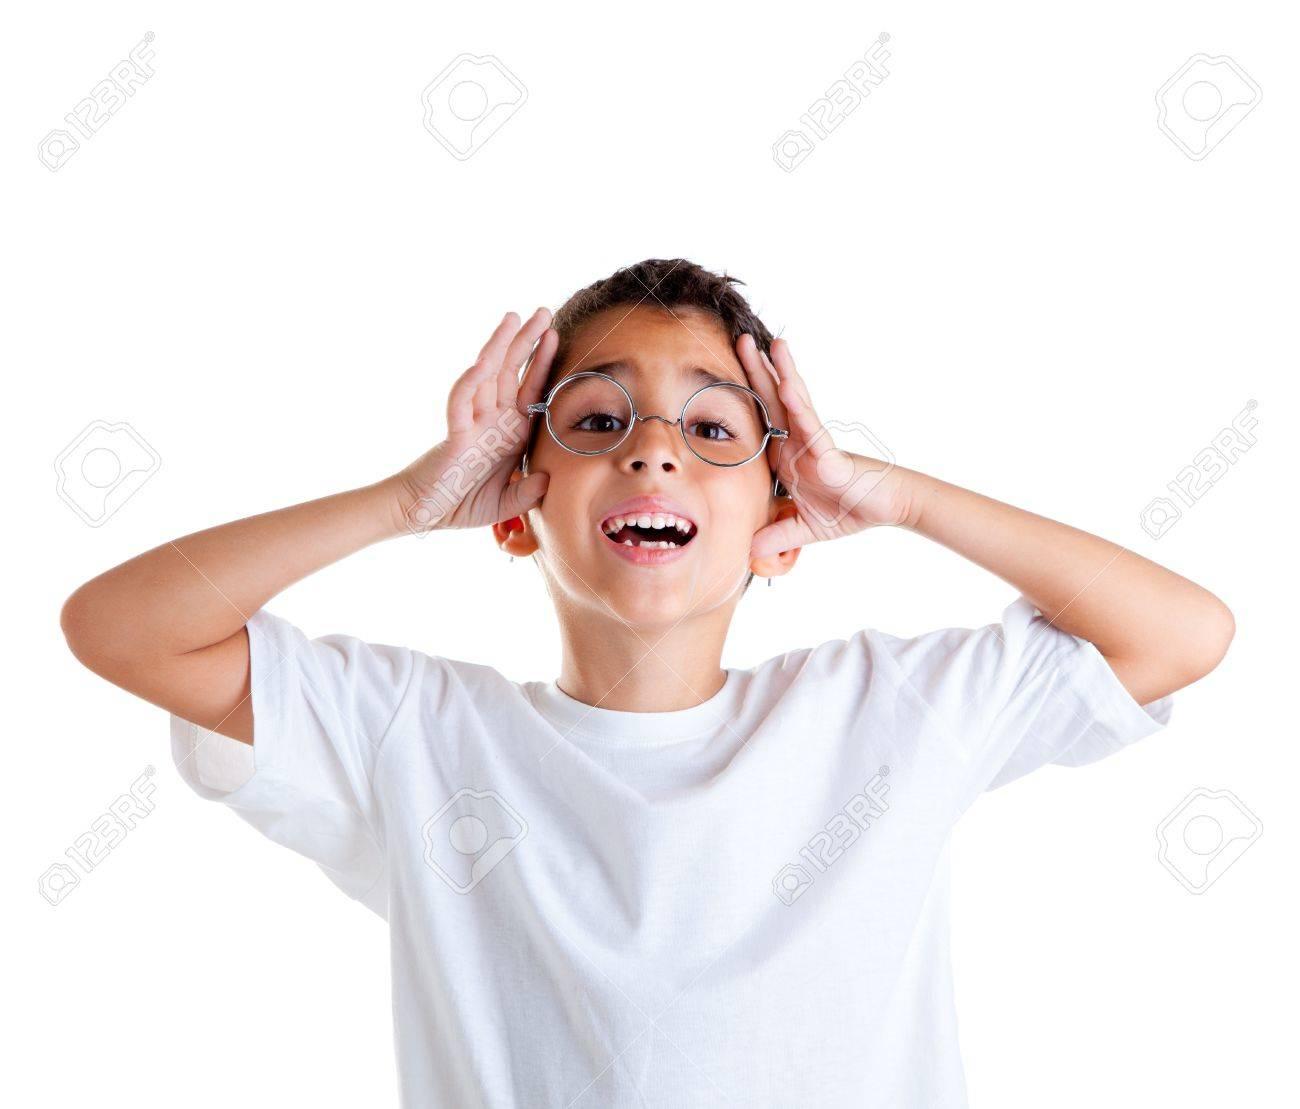 d3dc704ed9a772 Kinderen nerd jongen jongen met bril en gelukkige uitdrukking op wit wordt geïsoleerd  Stockfoto - 12382391